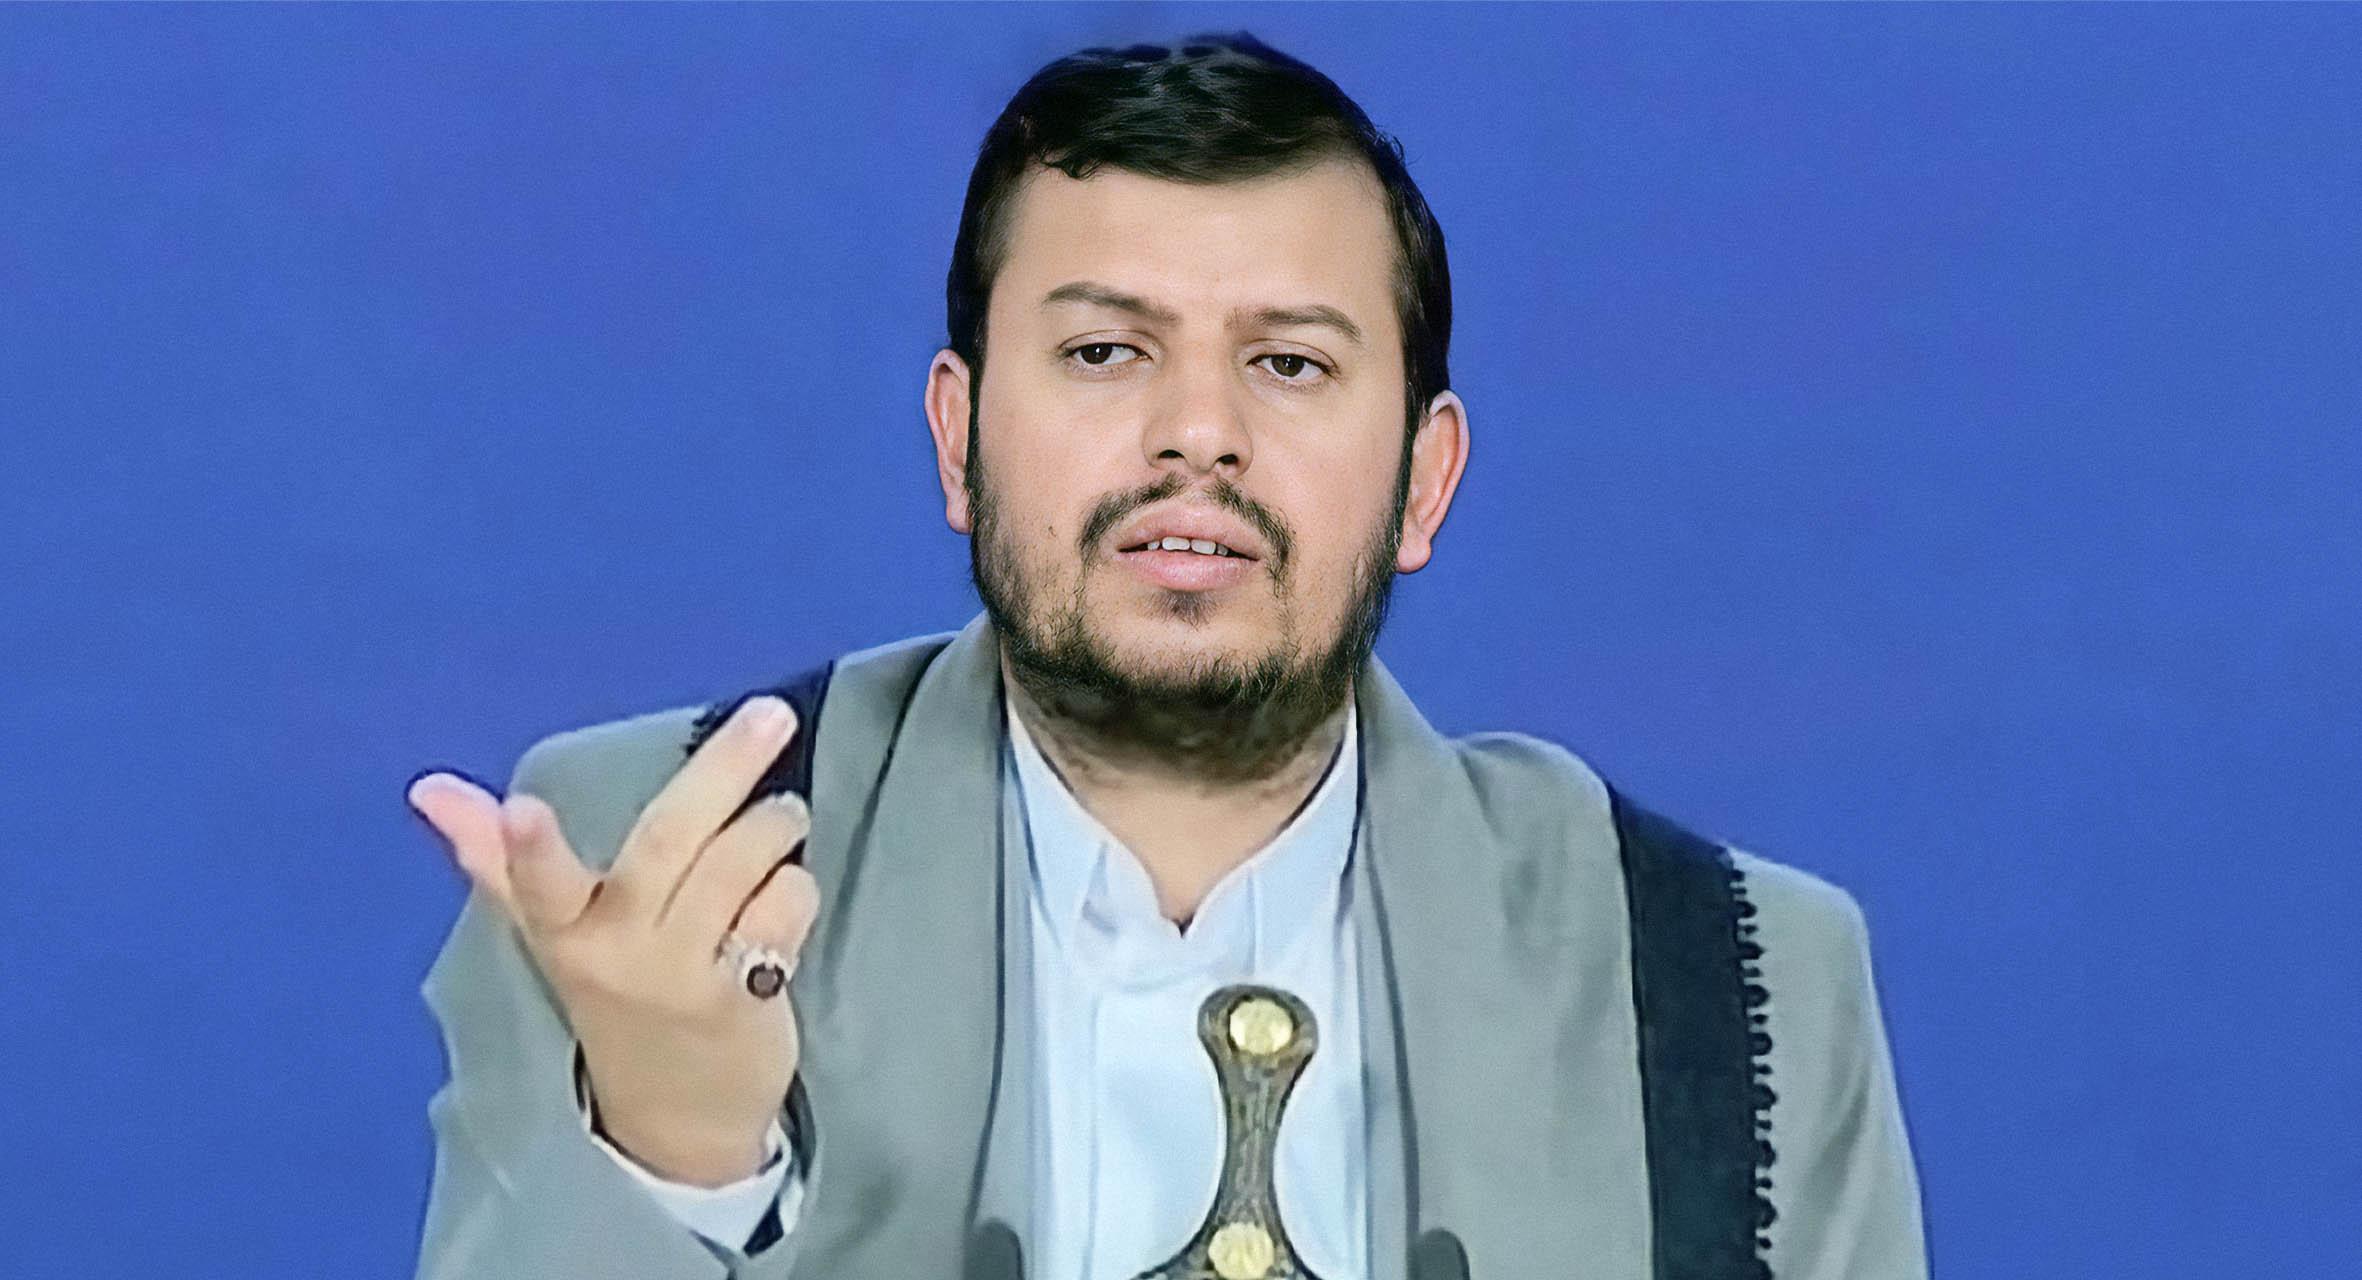 صورة إعلان الولايات المتحدة عزمها شطب الحوثيين من قائمة المنظمات الإرهابية يتسبب للجماعة بأزمة هوية